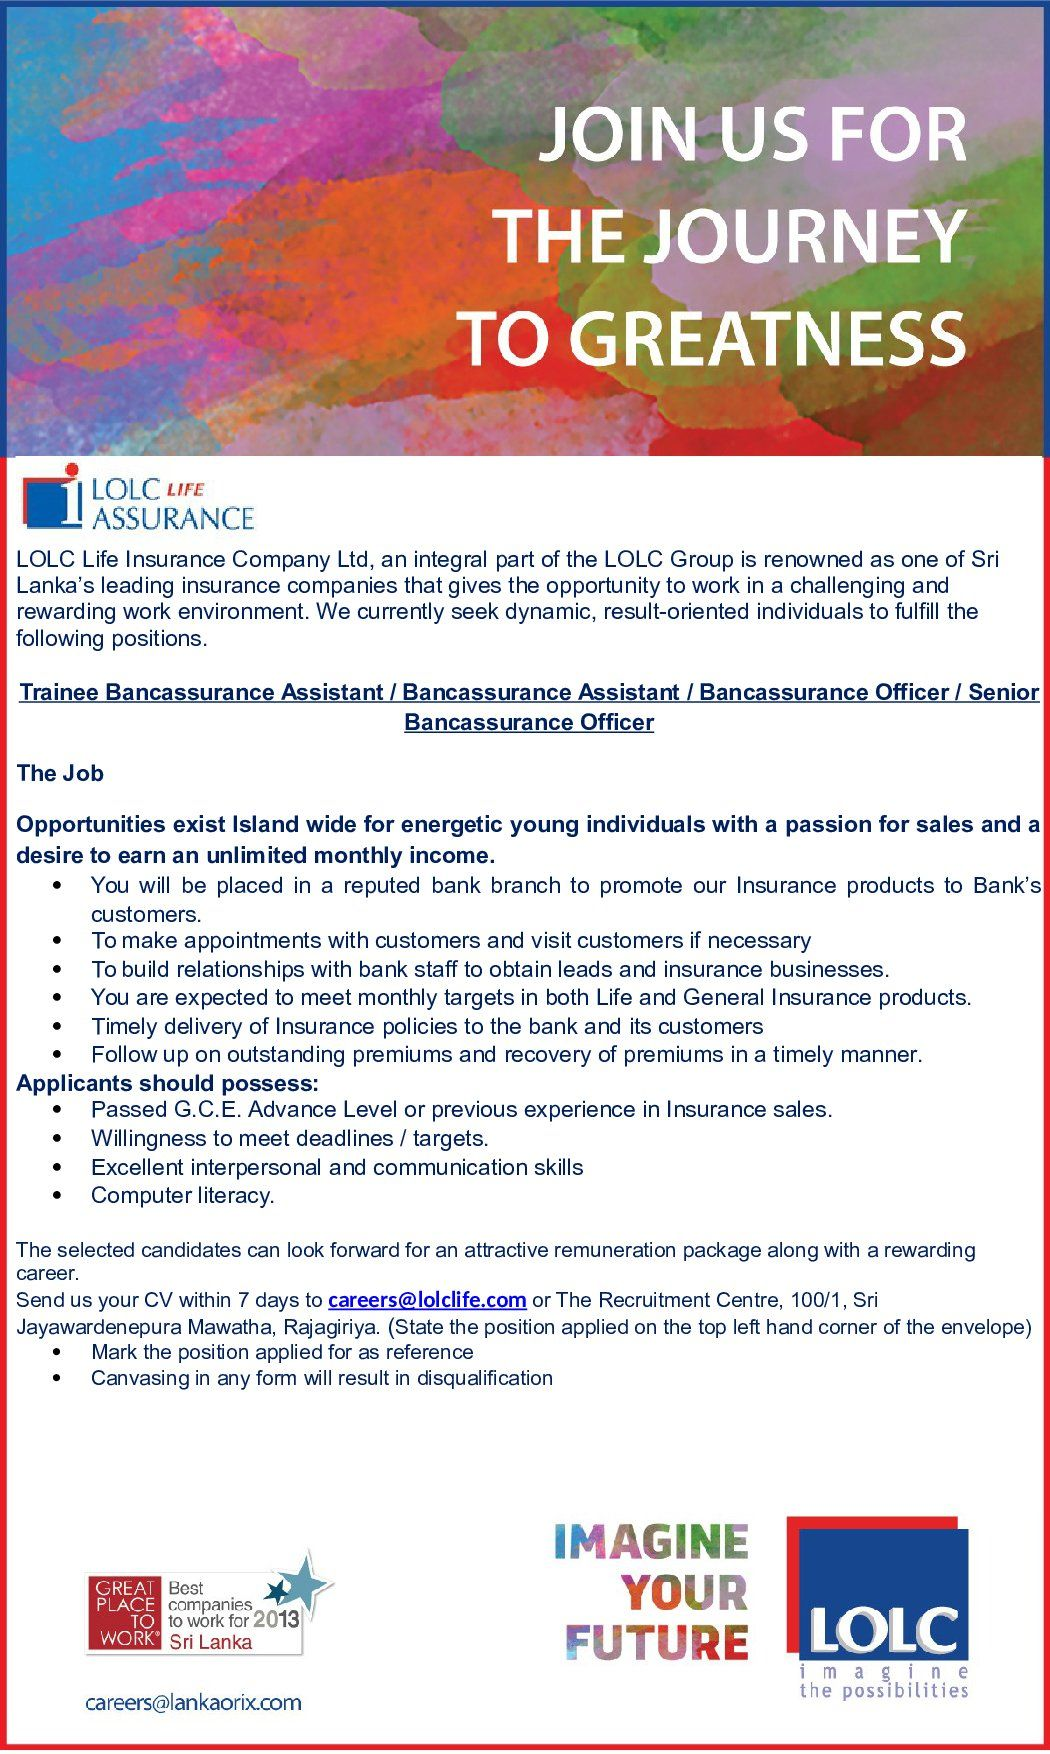 Trainee Bancassurance Assistant Bancassurance Assistant